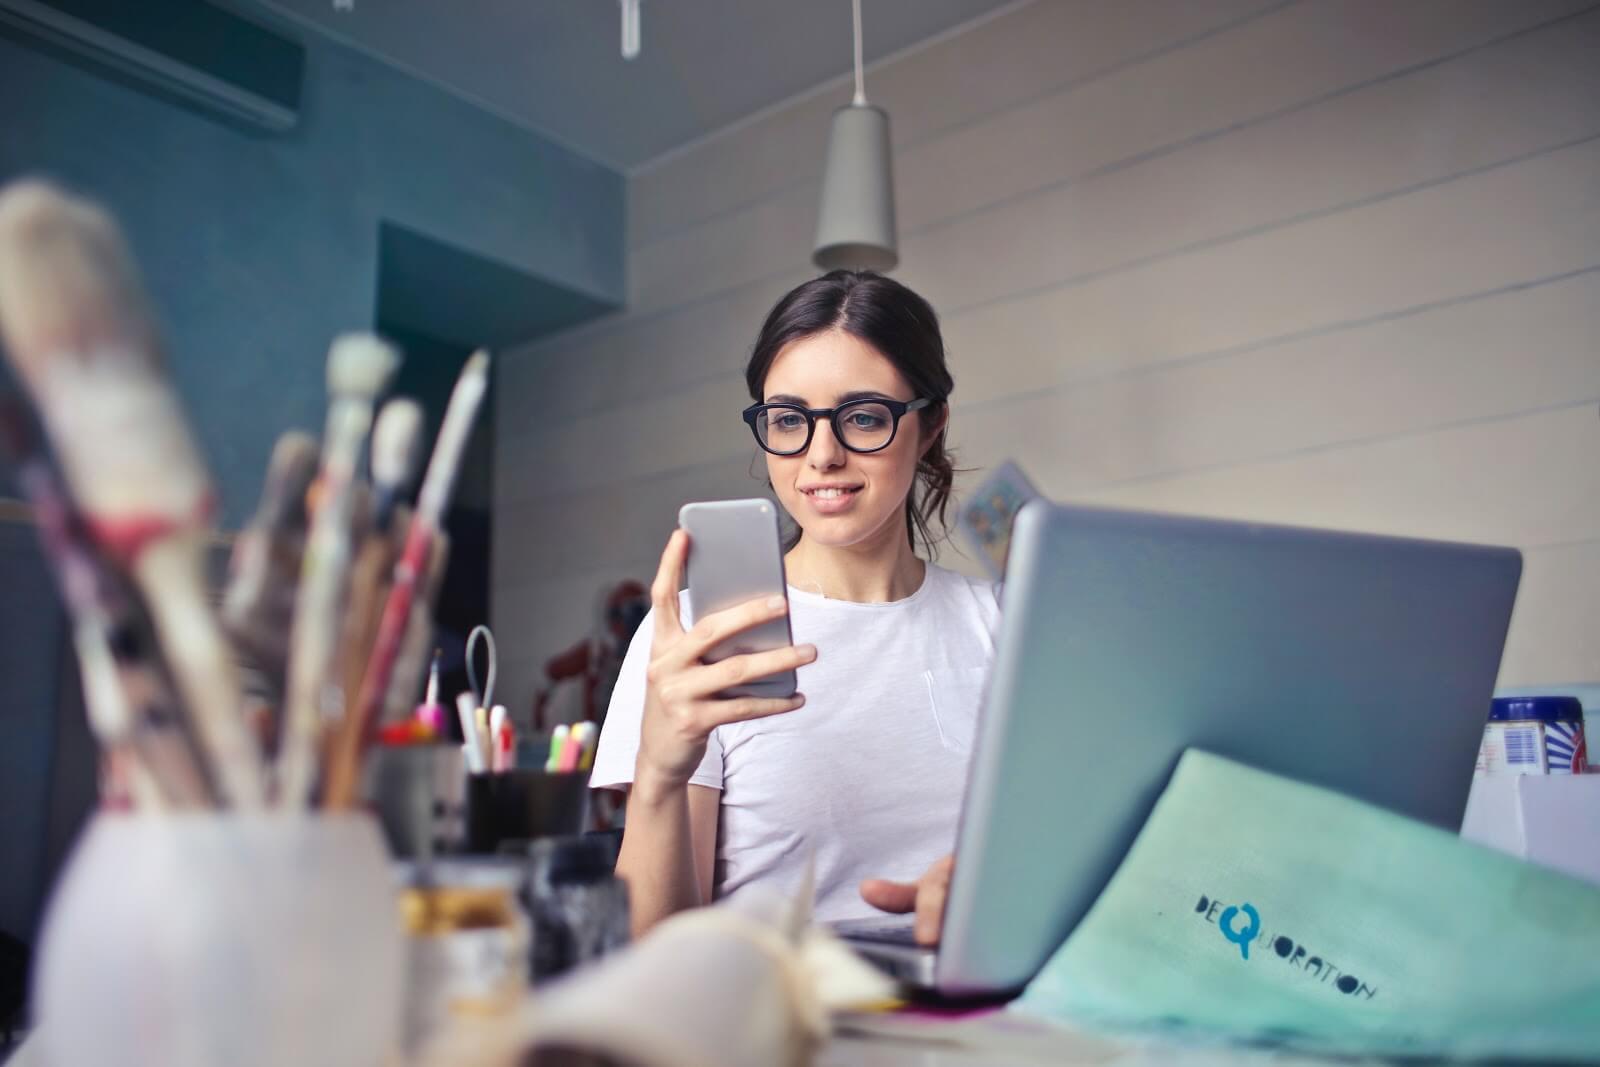 Buscar trabajos en línea para adolescentes